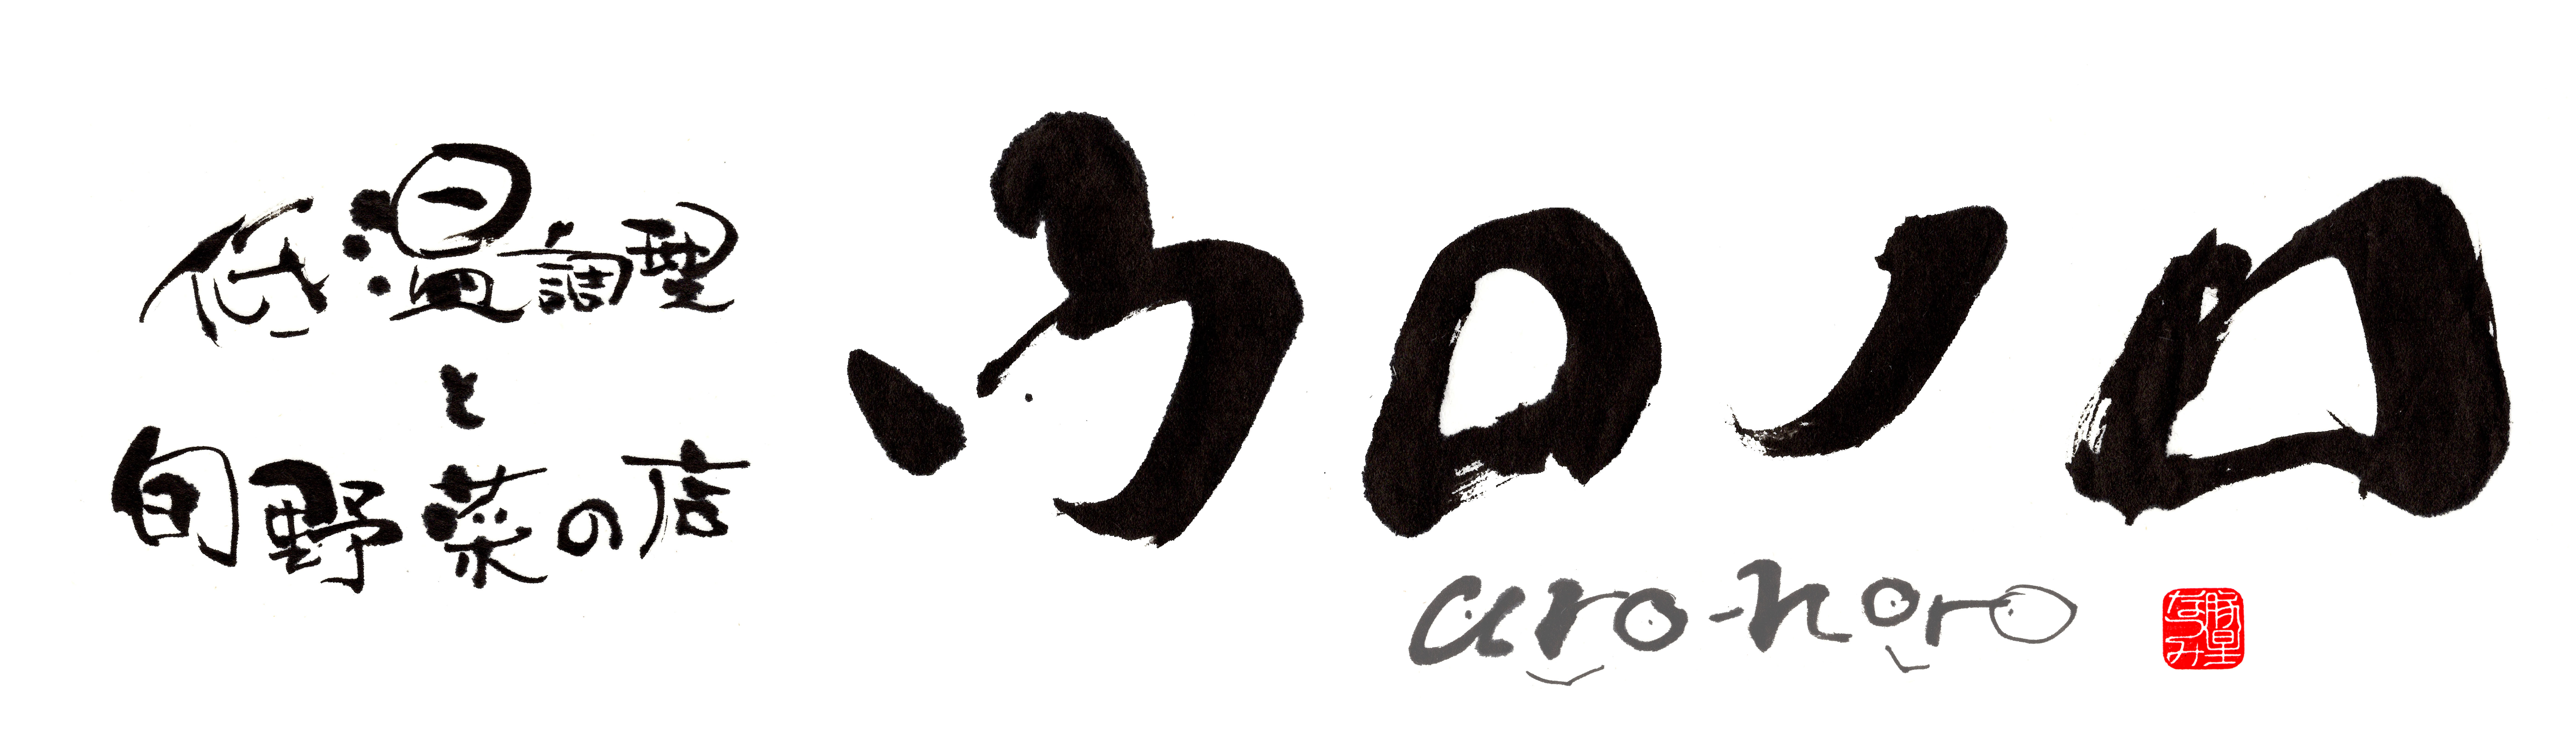 ウロノロ筆文字